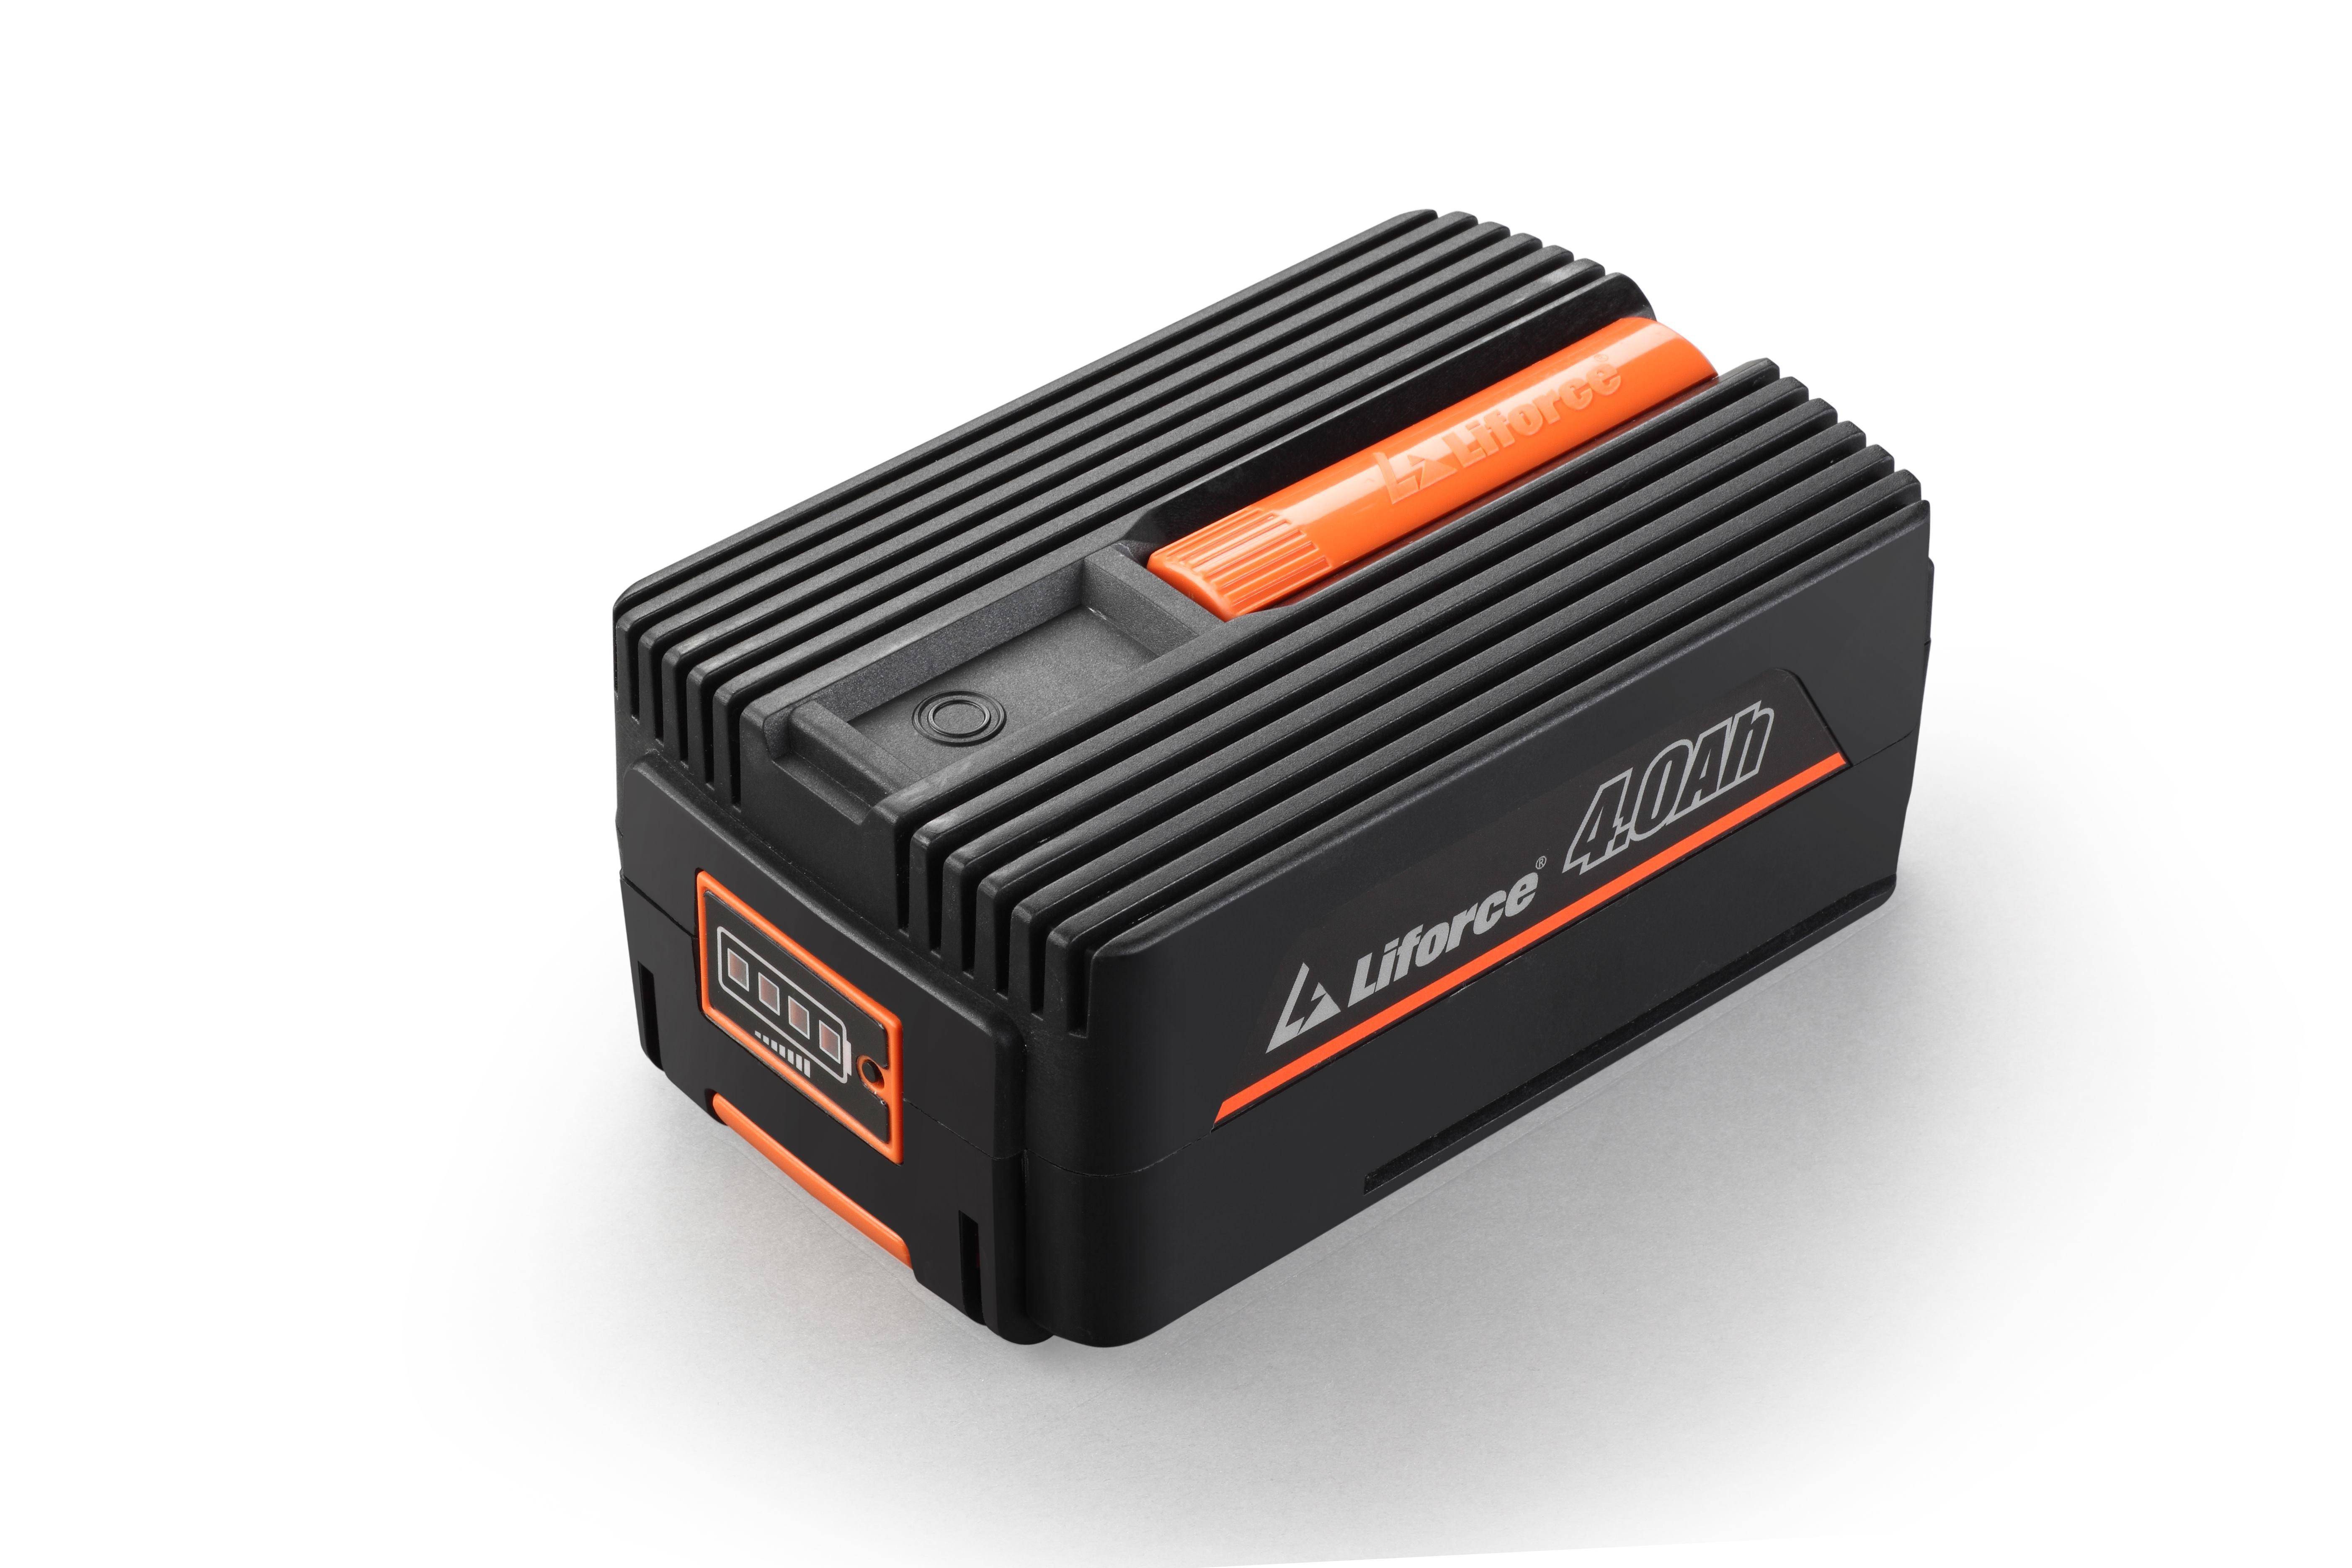 Set Redback suflanta funze E435C 40V + acumulator Li-Ion EP40 40V/4Ah + incarcator EC20 40V/2A 1